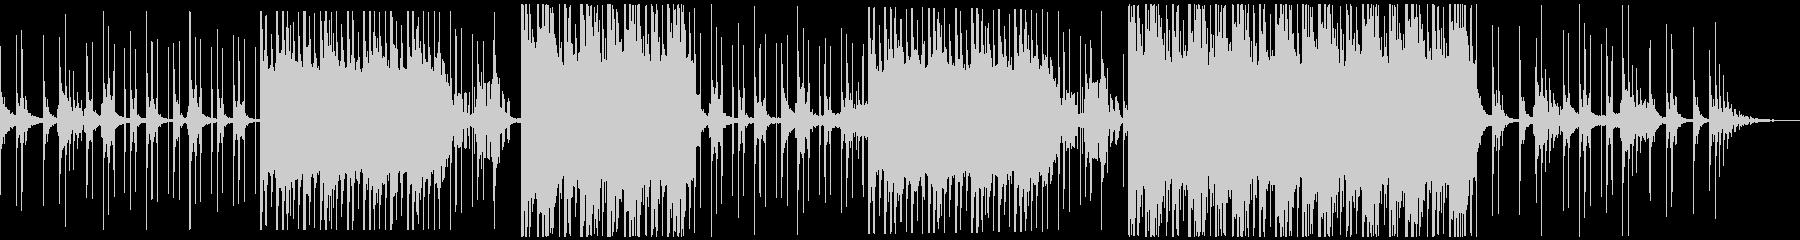 セツナ美しいトロピカルハウス アコギなしの未再生の波形